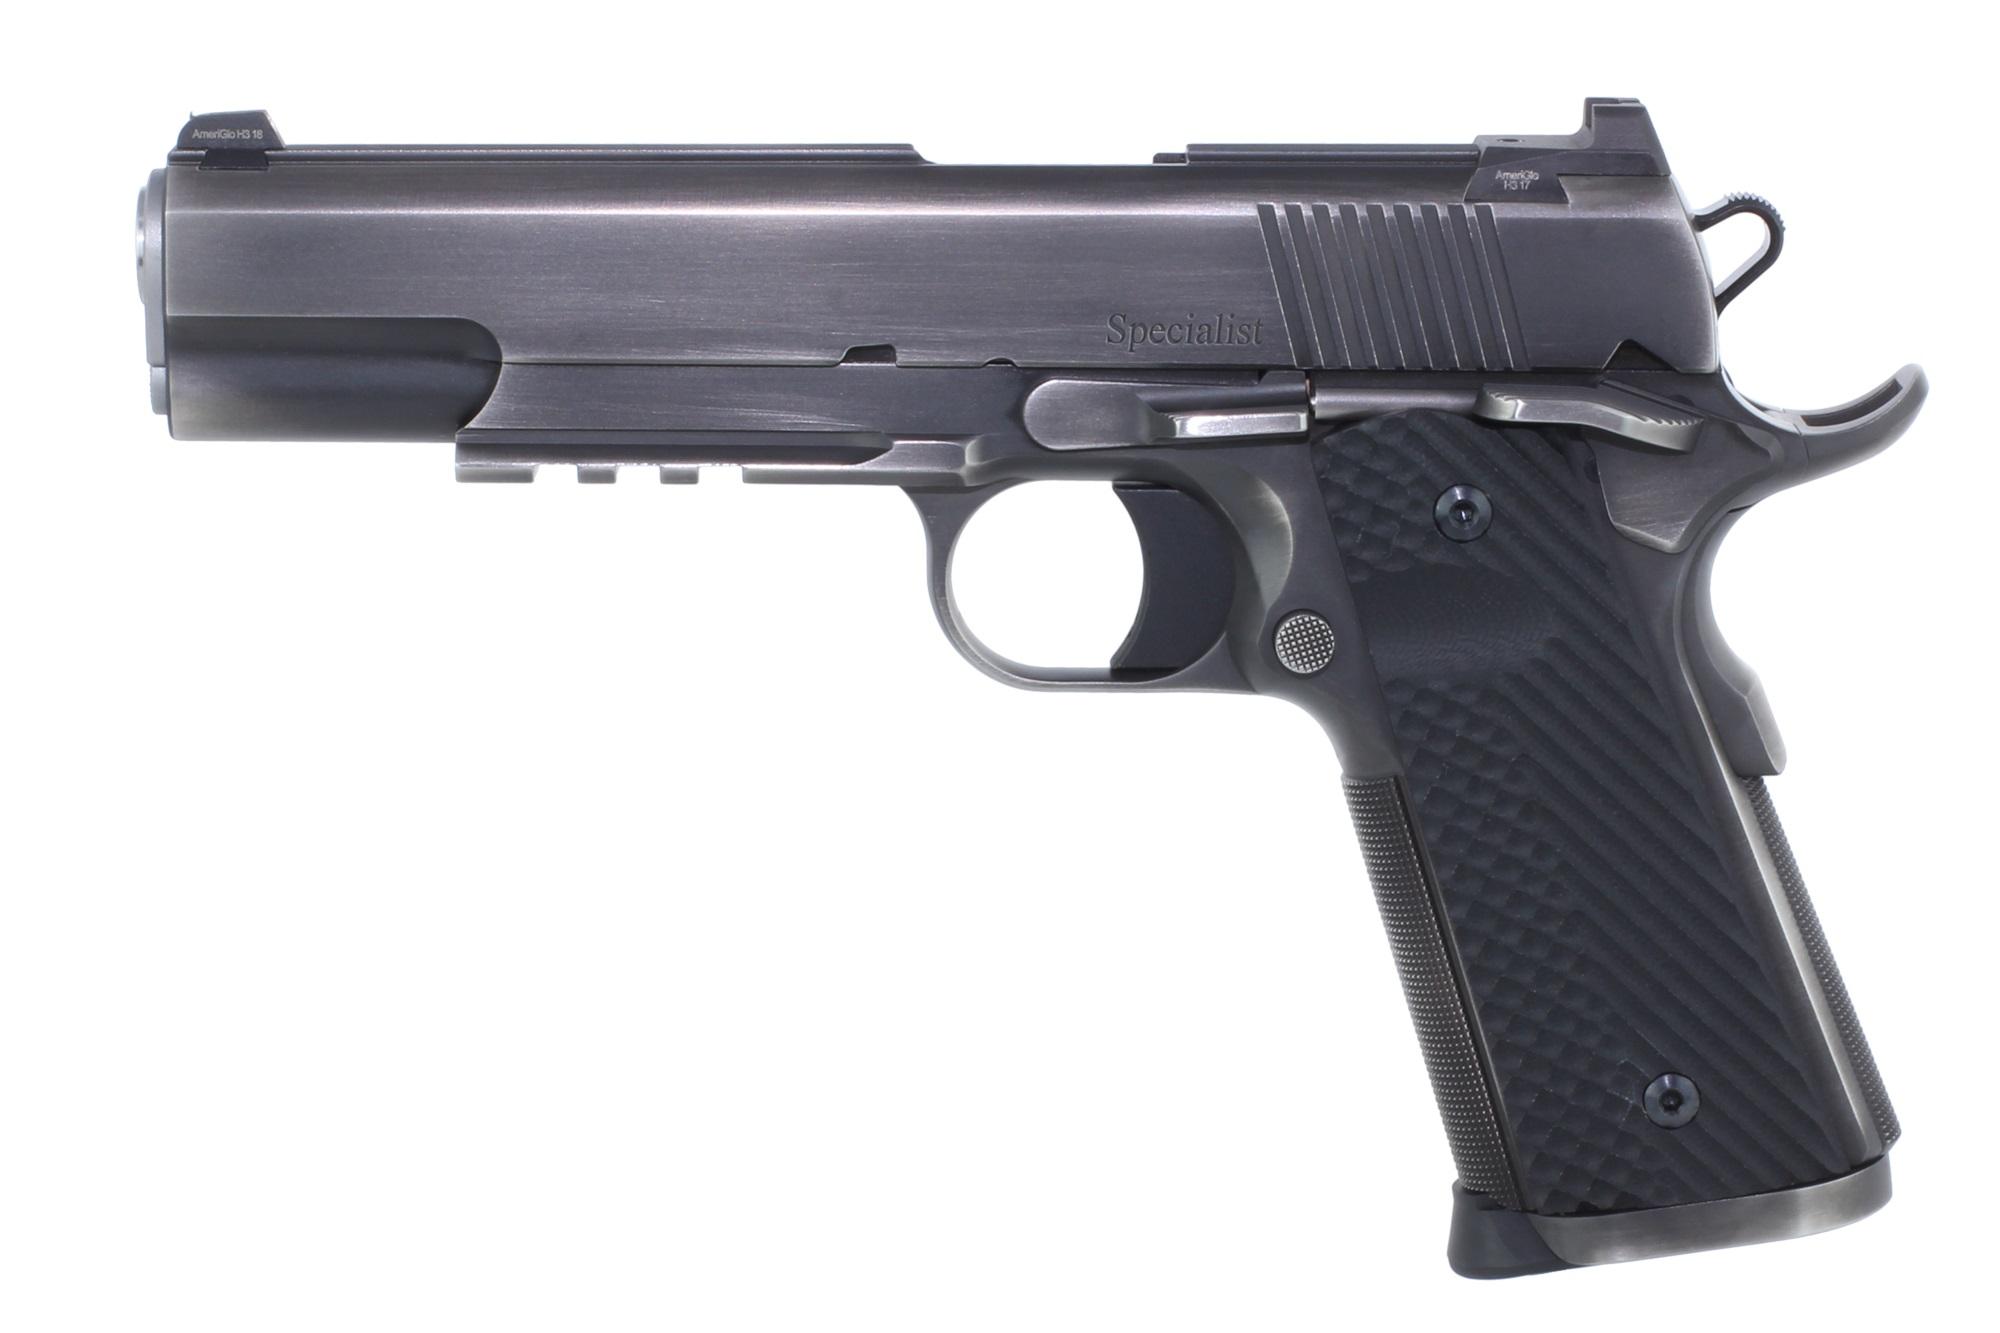 CZ-USA Specialist 45 ACP